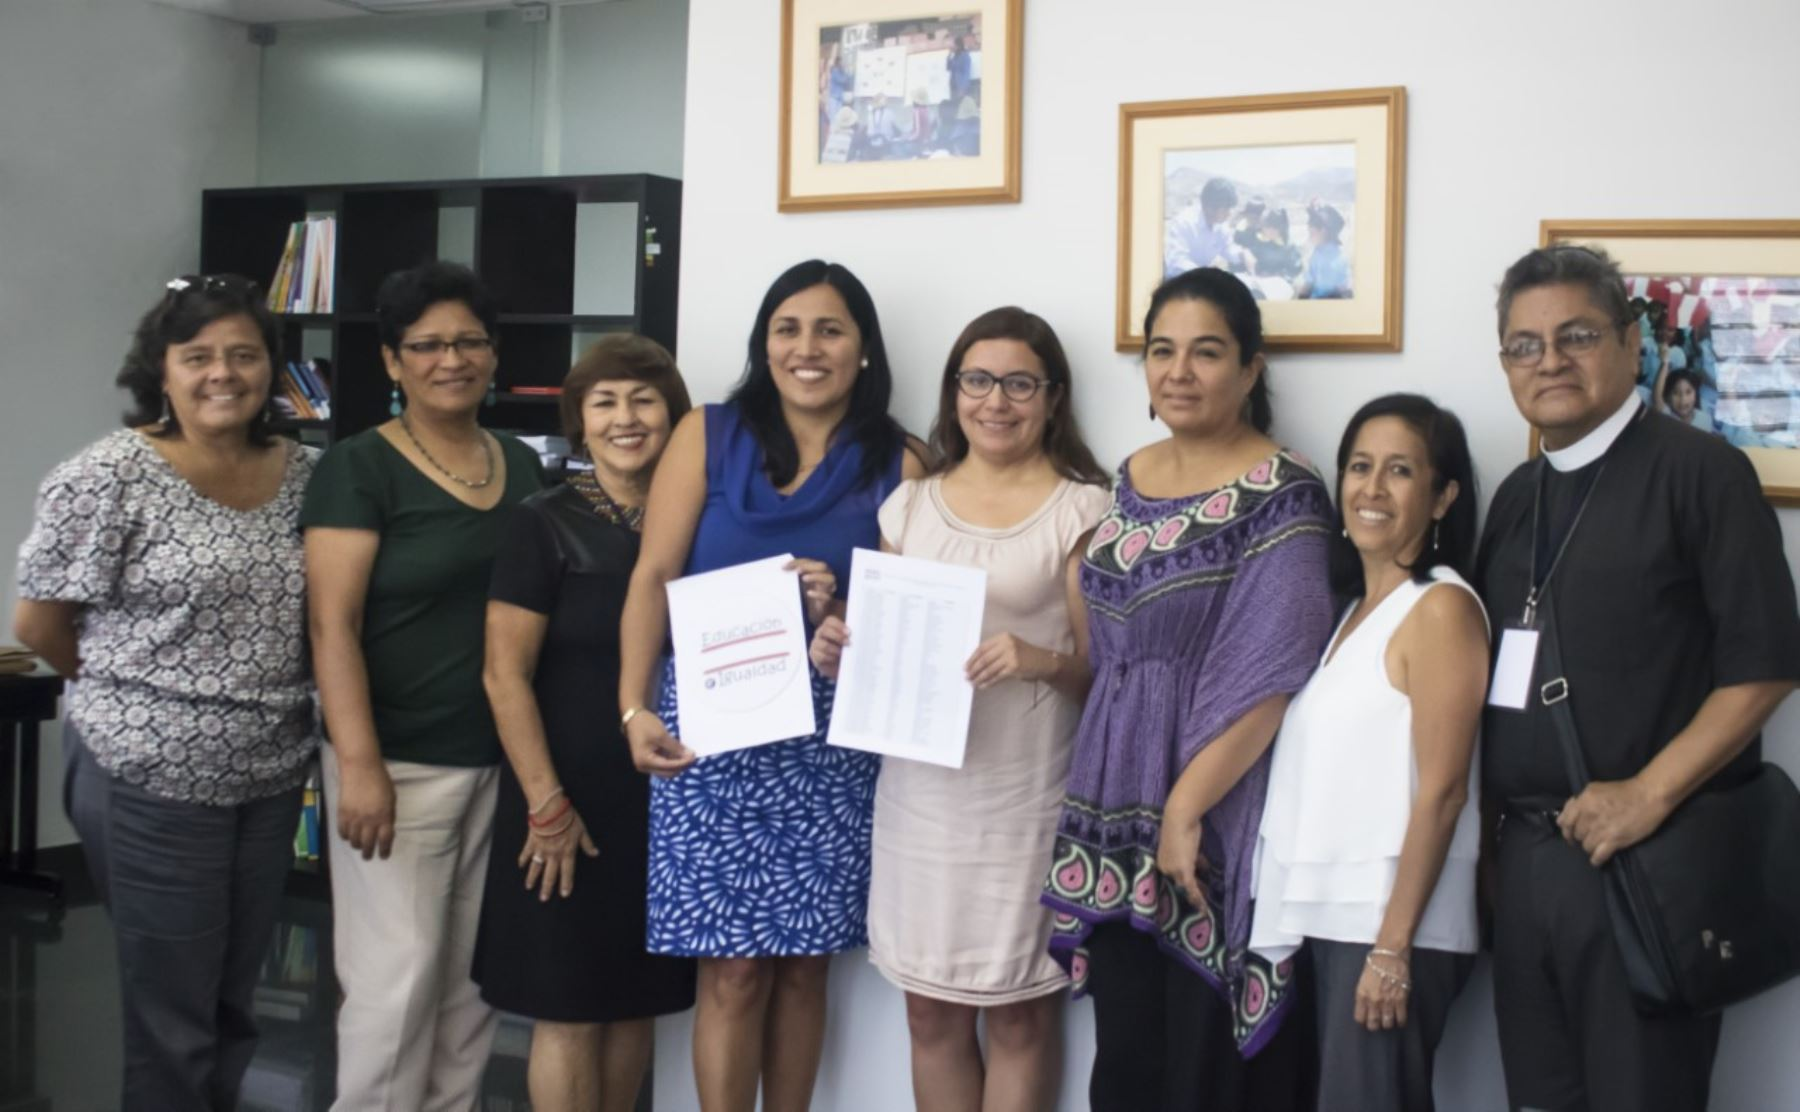 Integrantes de la Plataforma por el derecho a la educación y la igualdad expresaron su conformidad porque el Curriculo Nacional se aplique en los colegios del país.